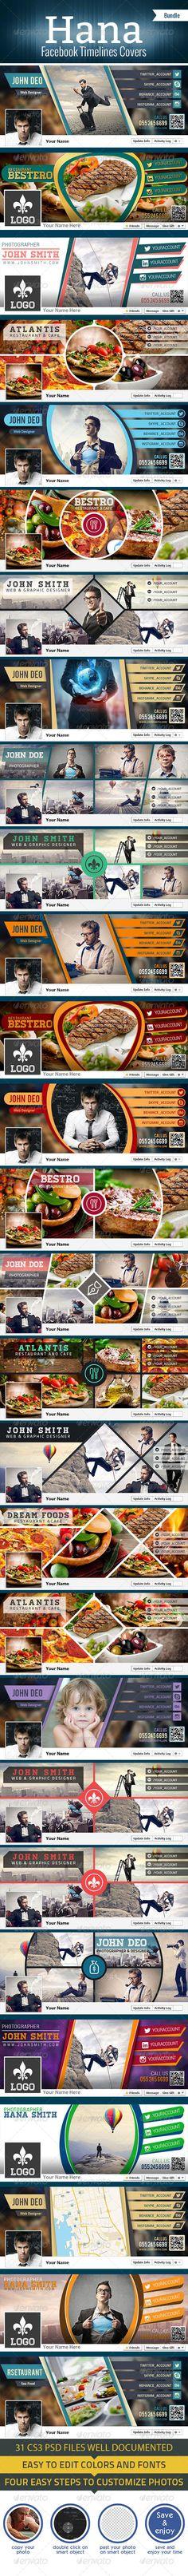 Bundle - Hana Facebook Timelines Covers - Facebook Timeline Covers Social Media